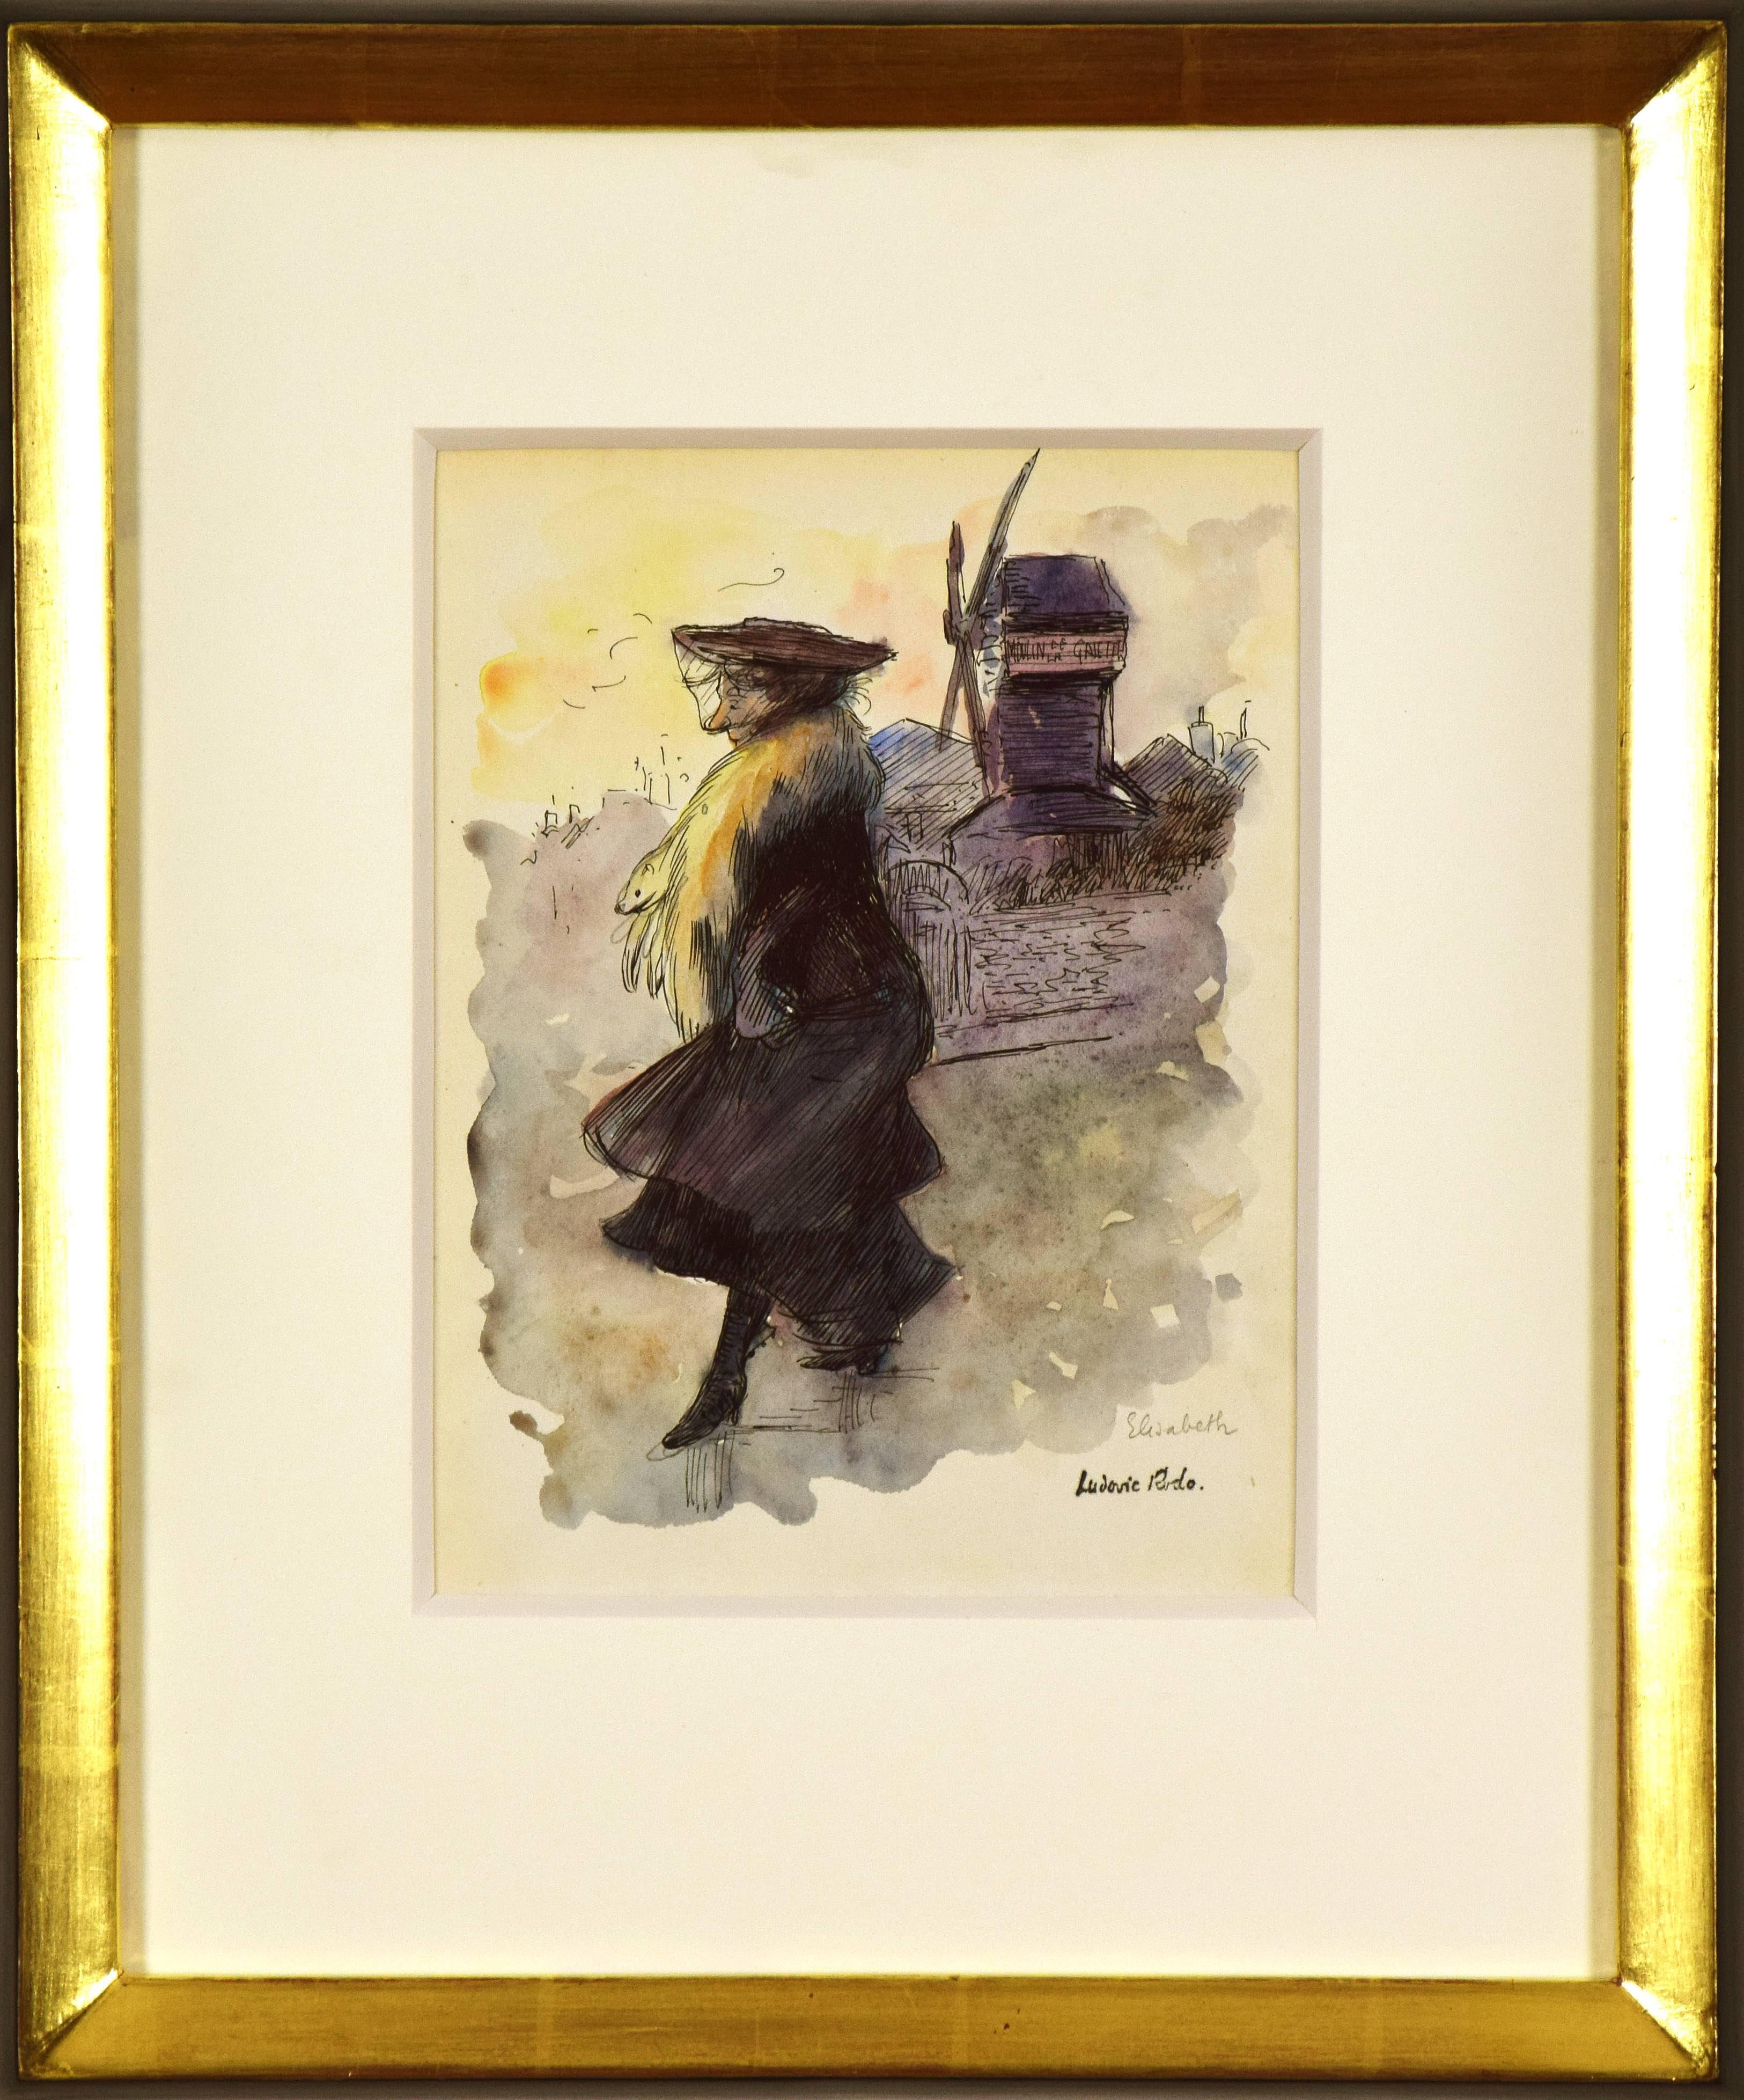 Watercolour artwork by Ludovic Rodo Pissarro titled 'Le Moulin de la Galette'